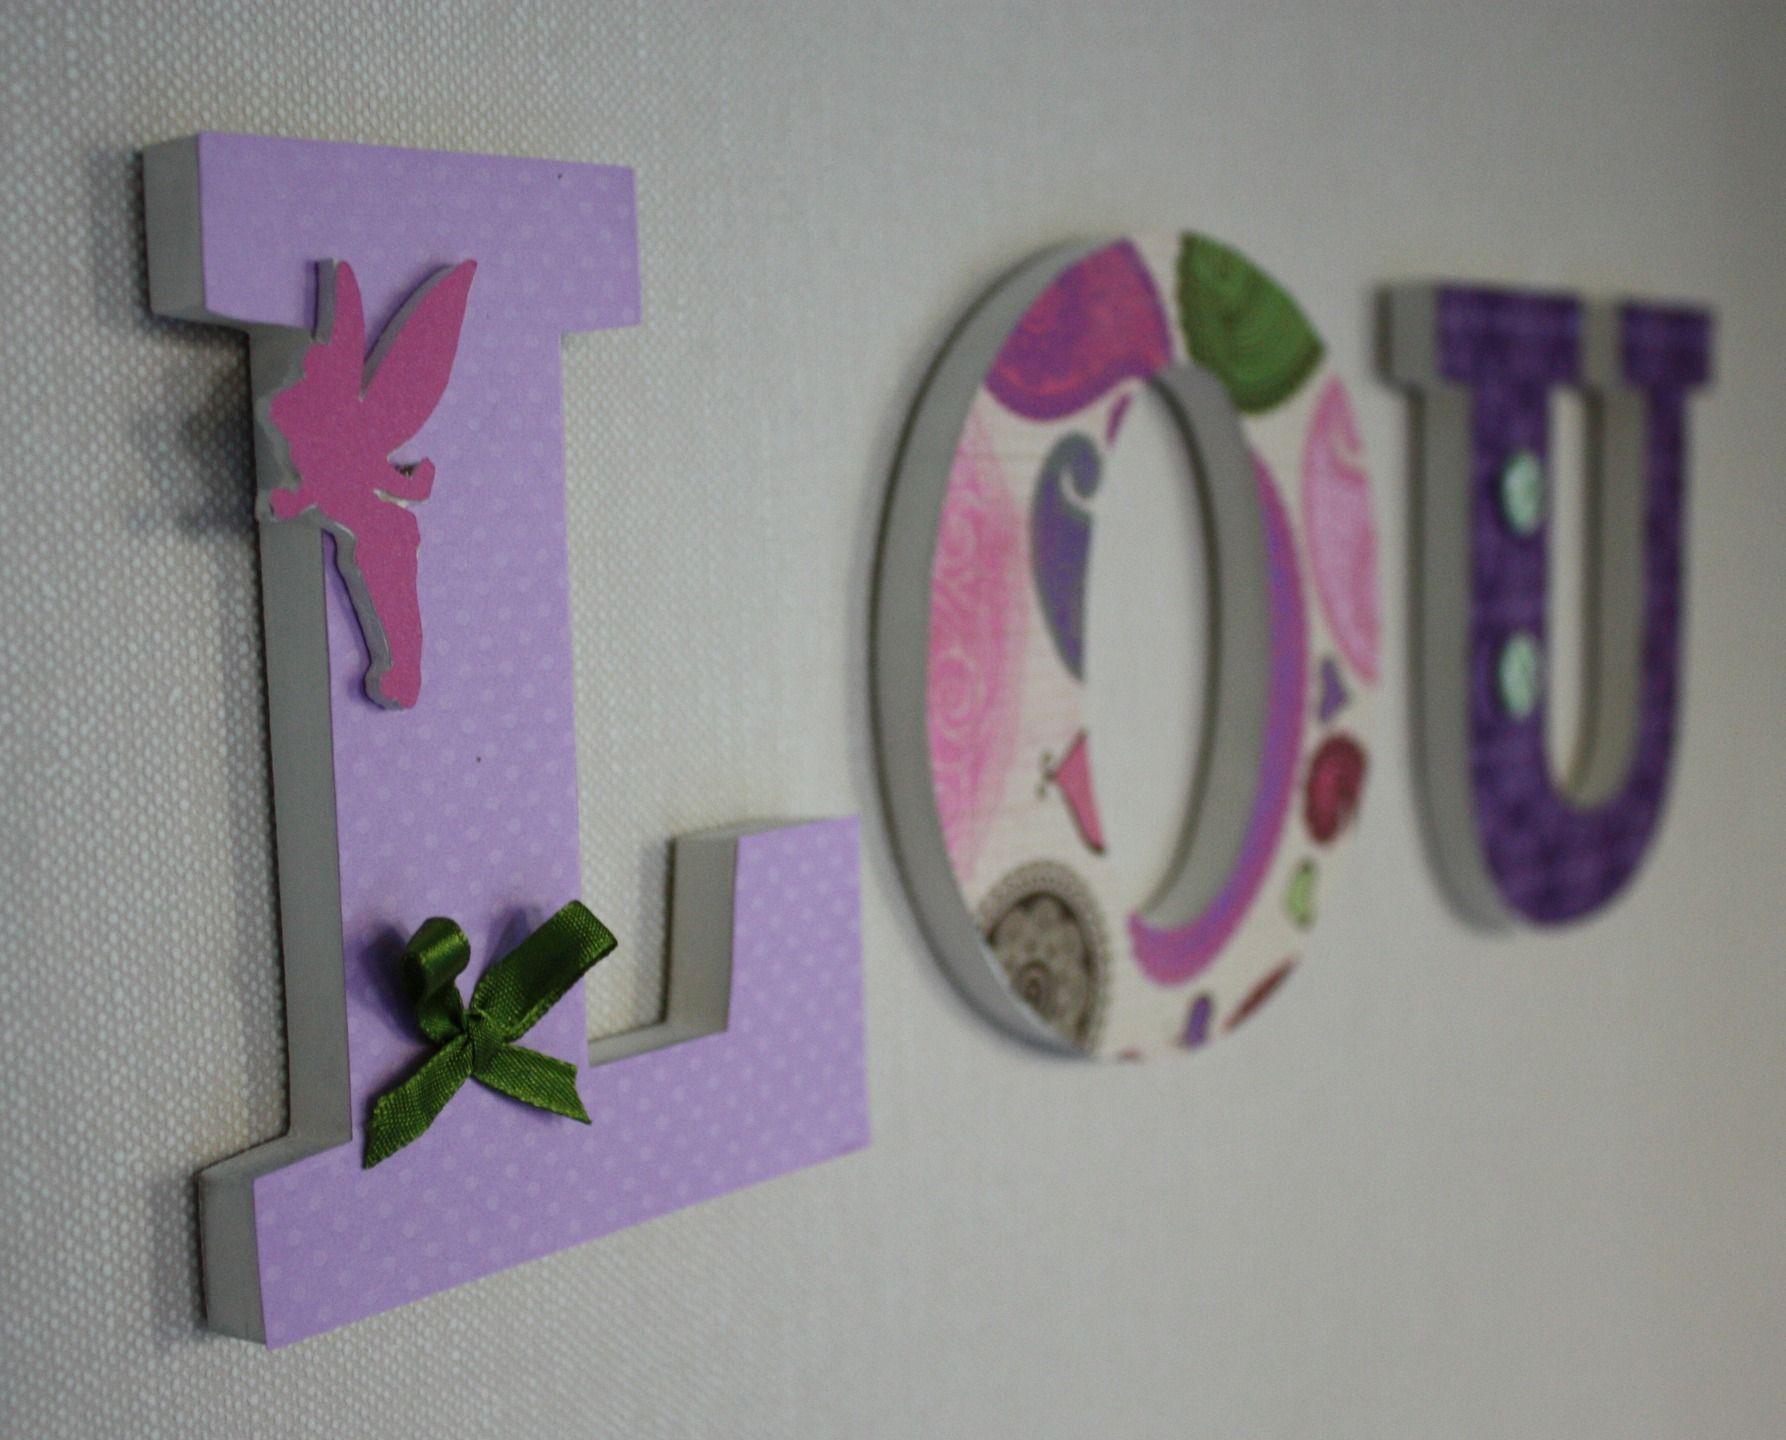 Prénom jade: lettres décoratives en bois rose et parme pour cadeau ...